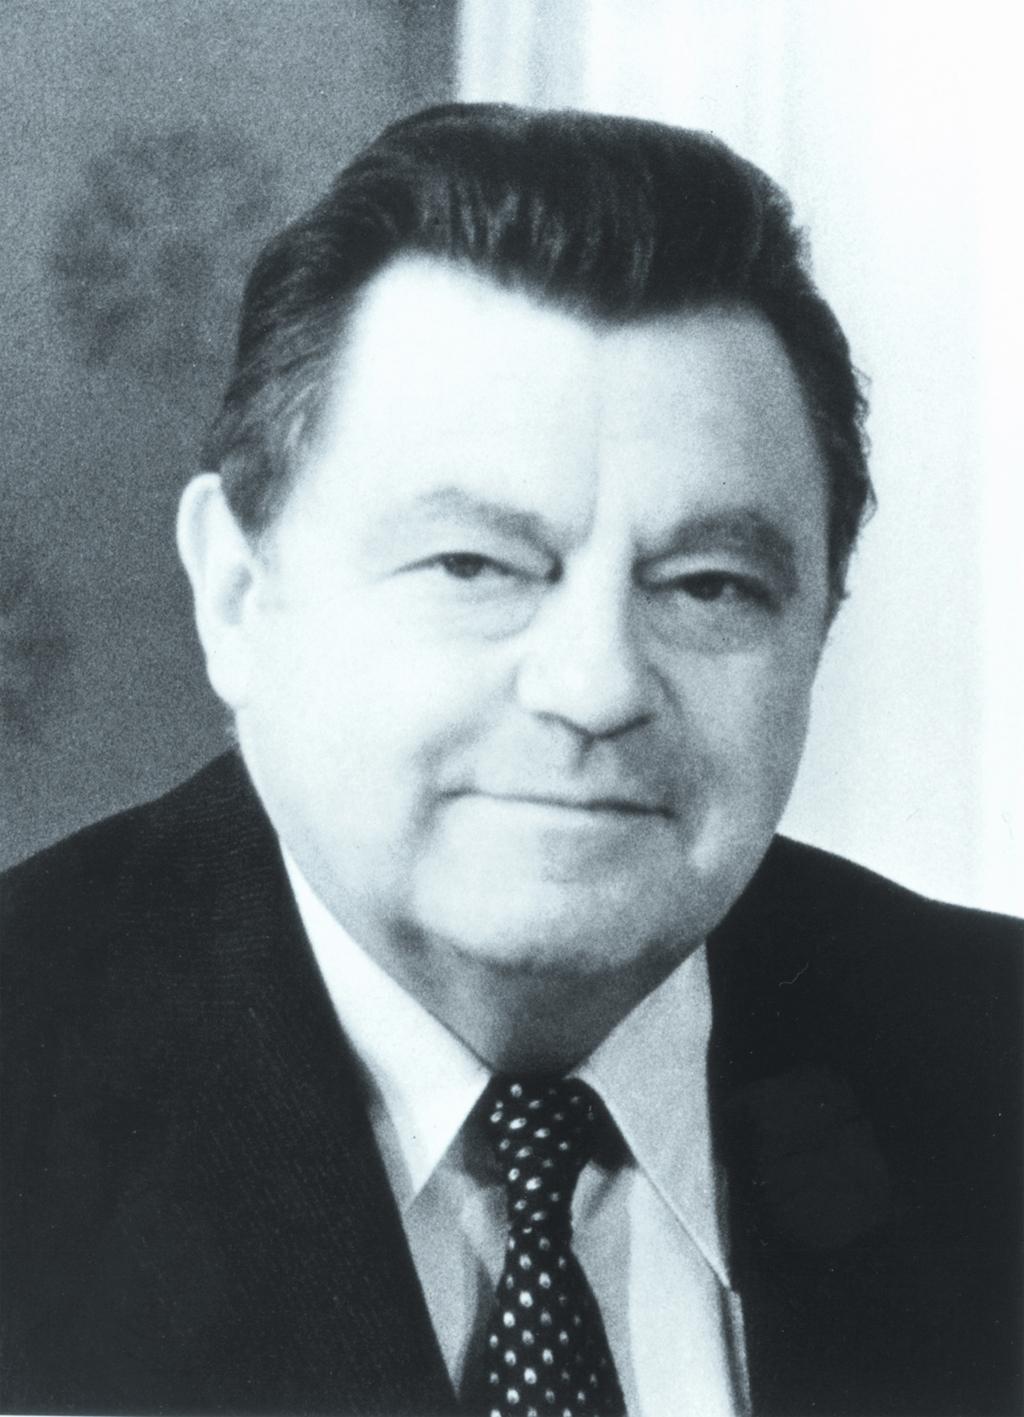 Franz Josef Strauß Gestorben